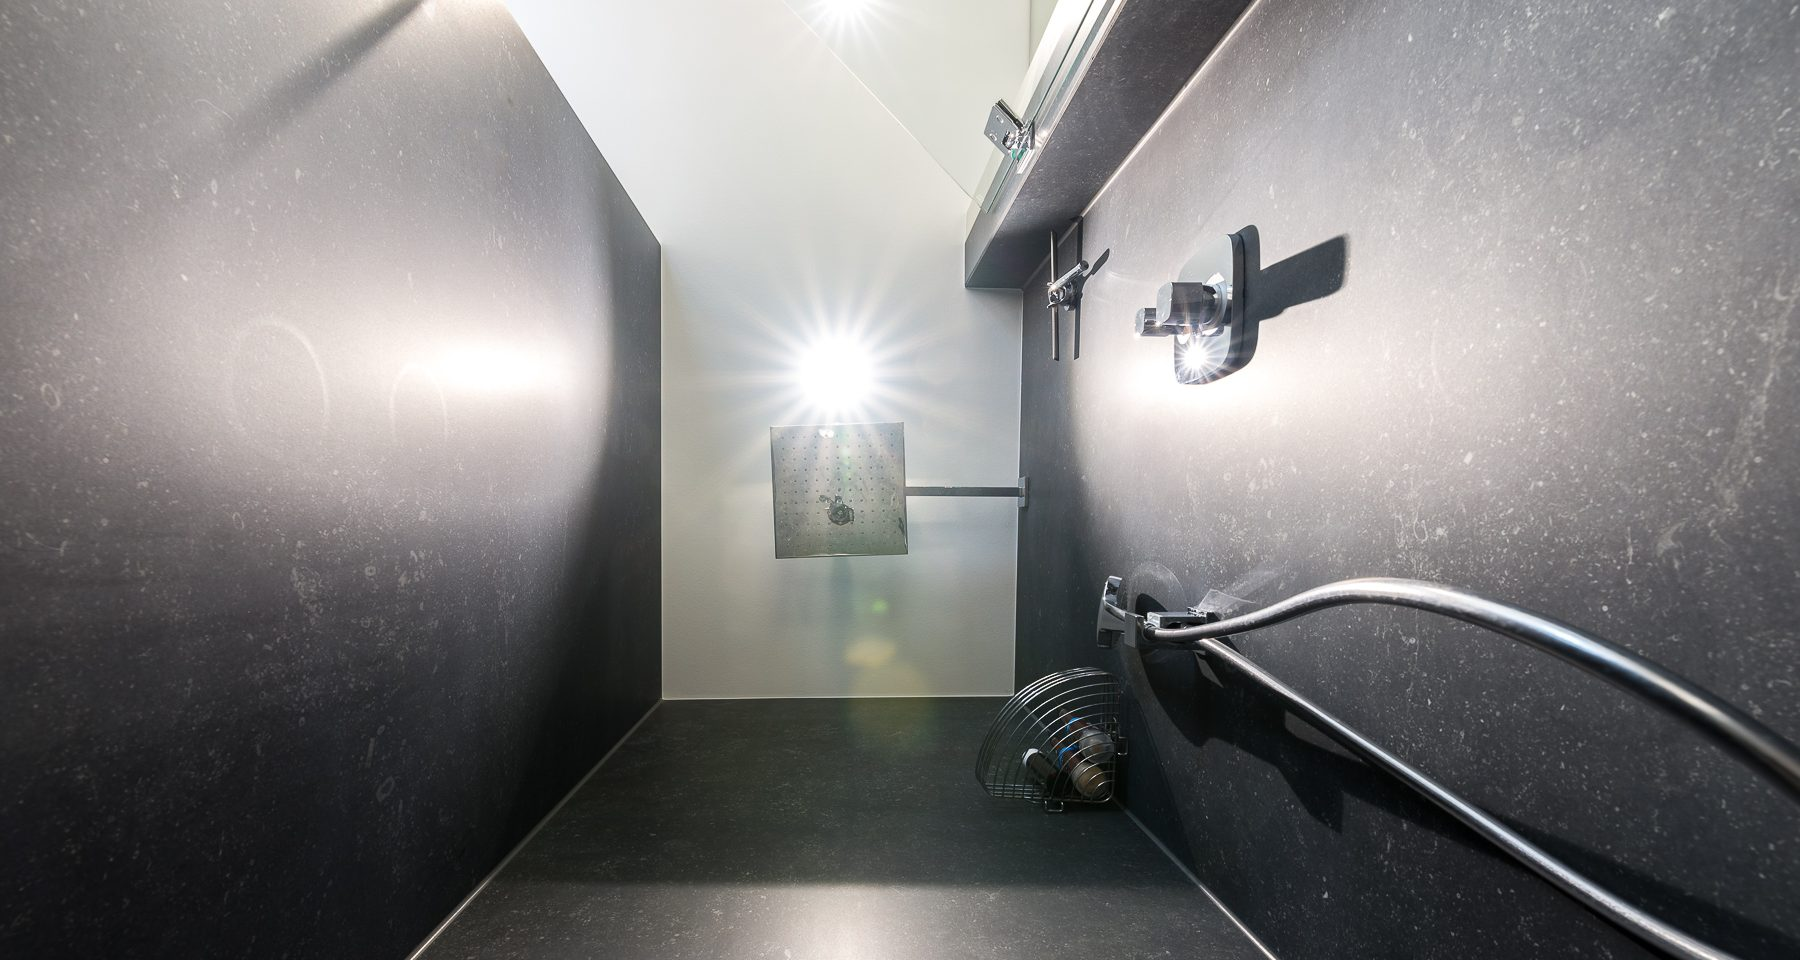 Großformat_Duschbereich